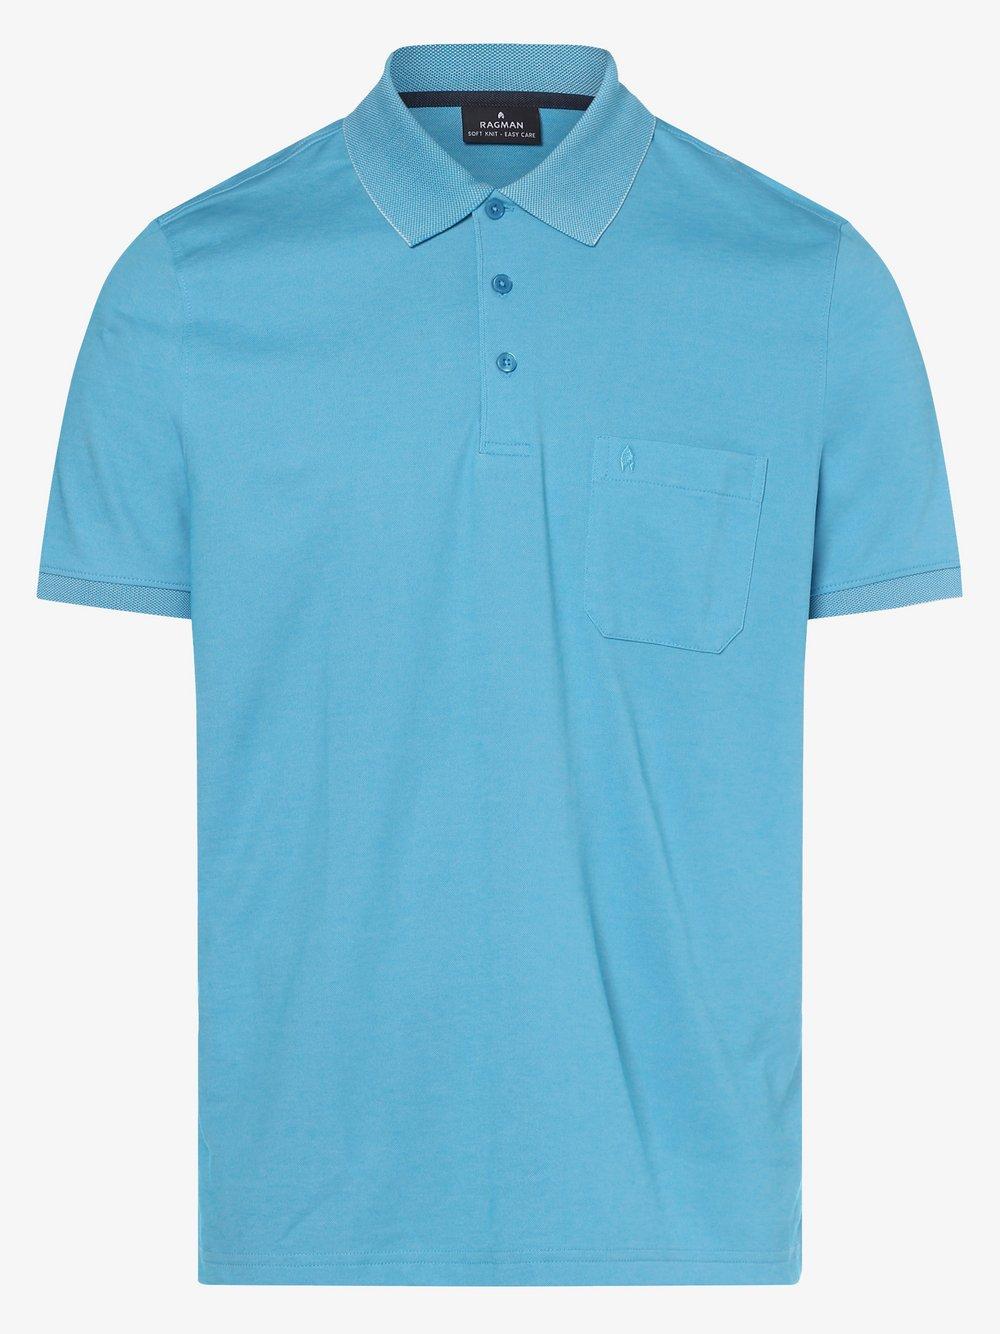 Ragman – Męska koszulka polo, niebieski Van Graaf 426506-0025-09920